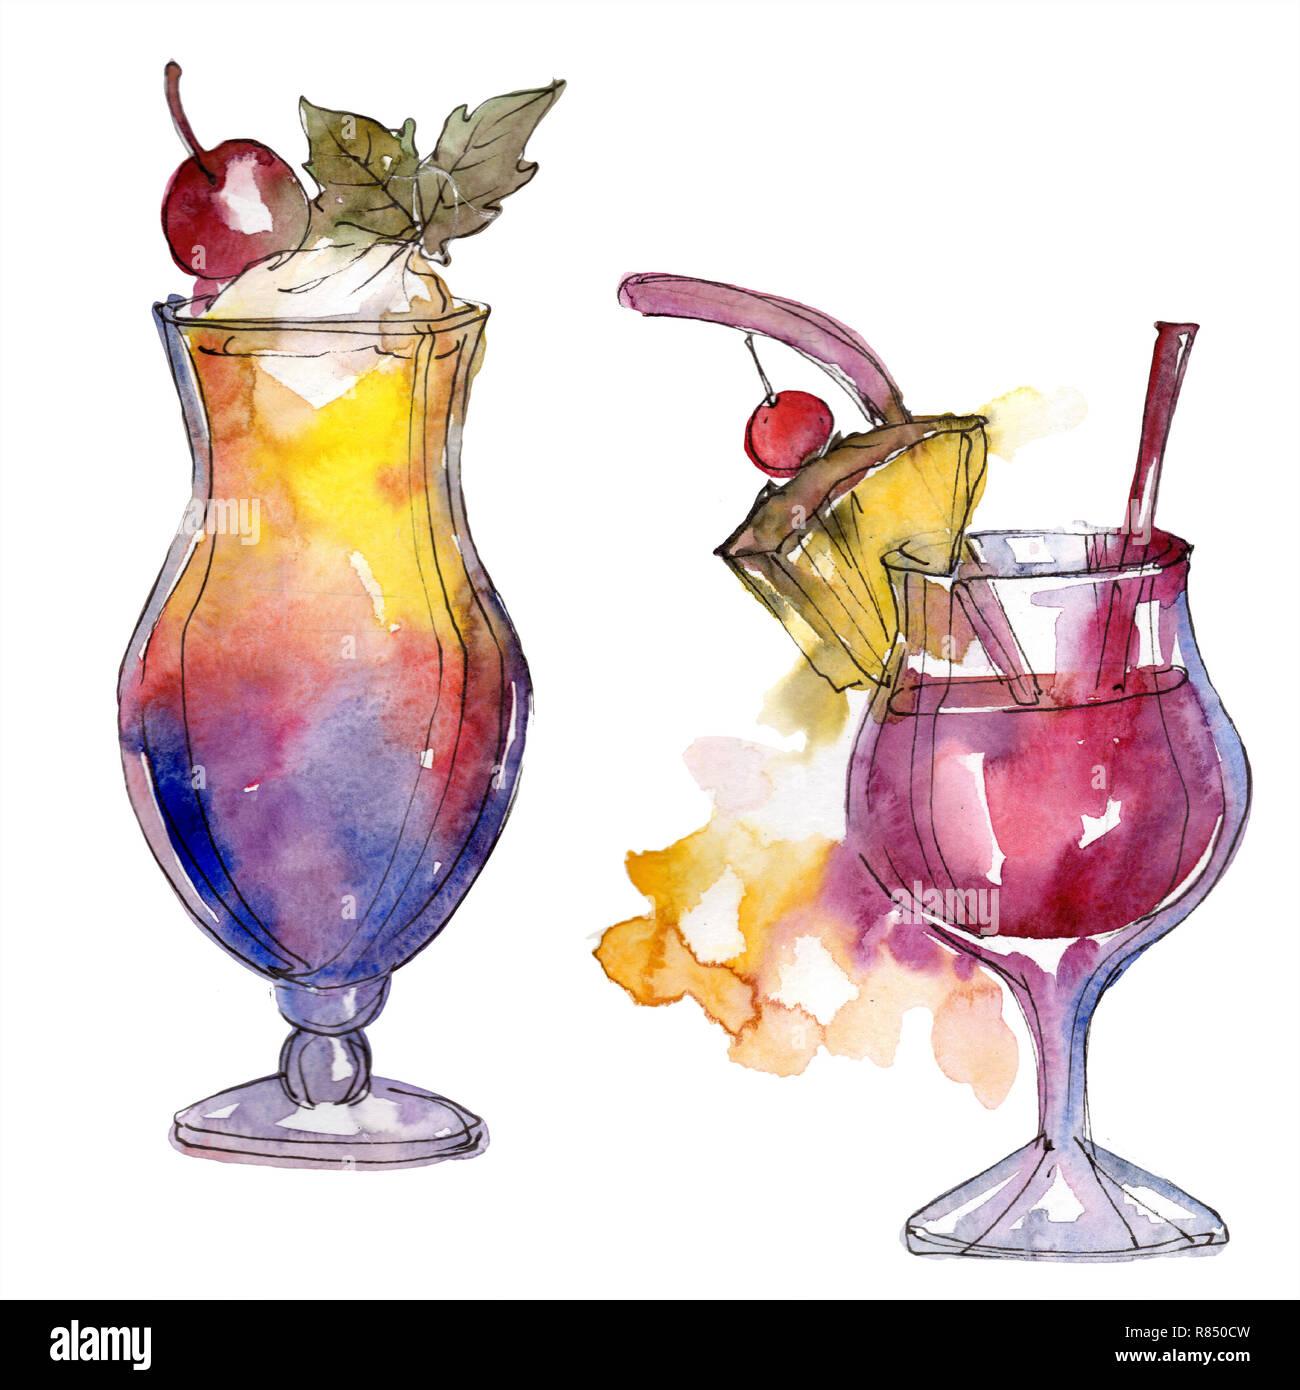 Verre cocktail background illustration aquarelle set aquarelle dessin aquarelle mode isol - Dessin cocktail ...